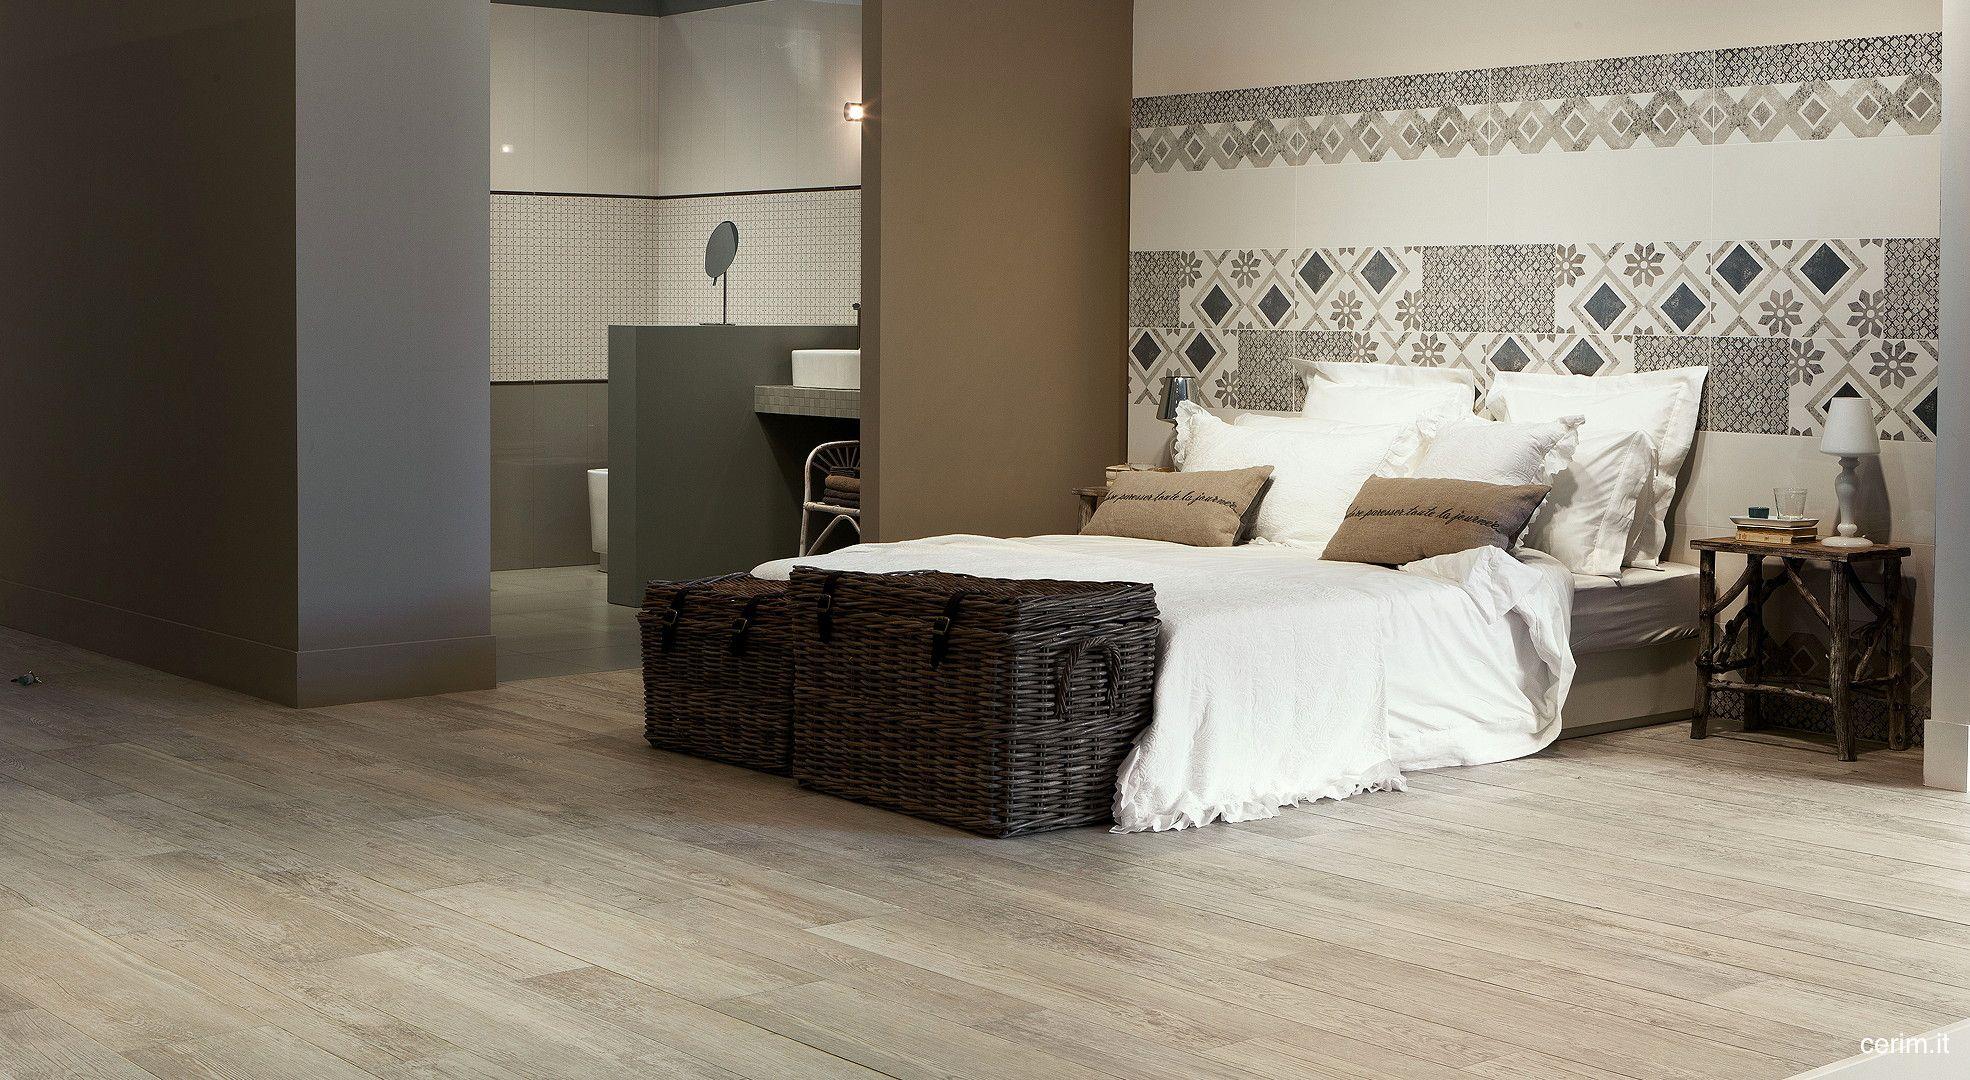 Seguimos con la cerámica como cabecero de cama Galería | wwwcerim.it ...